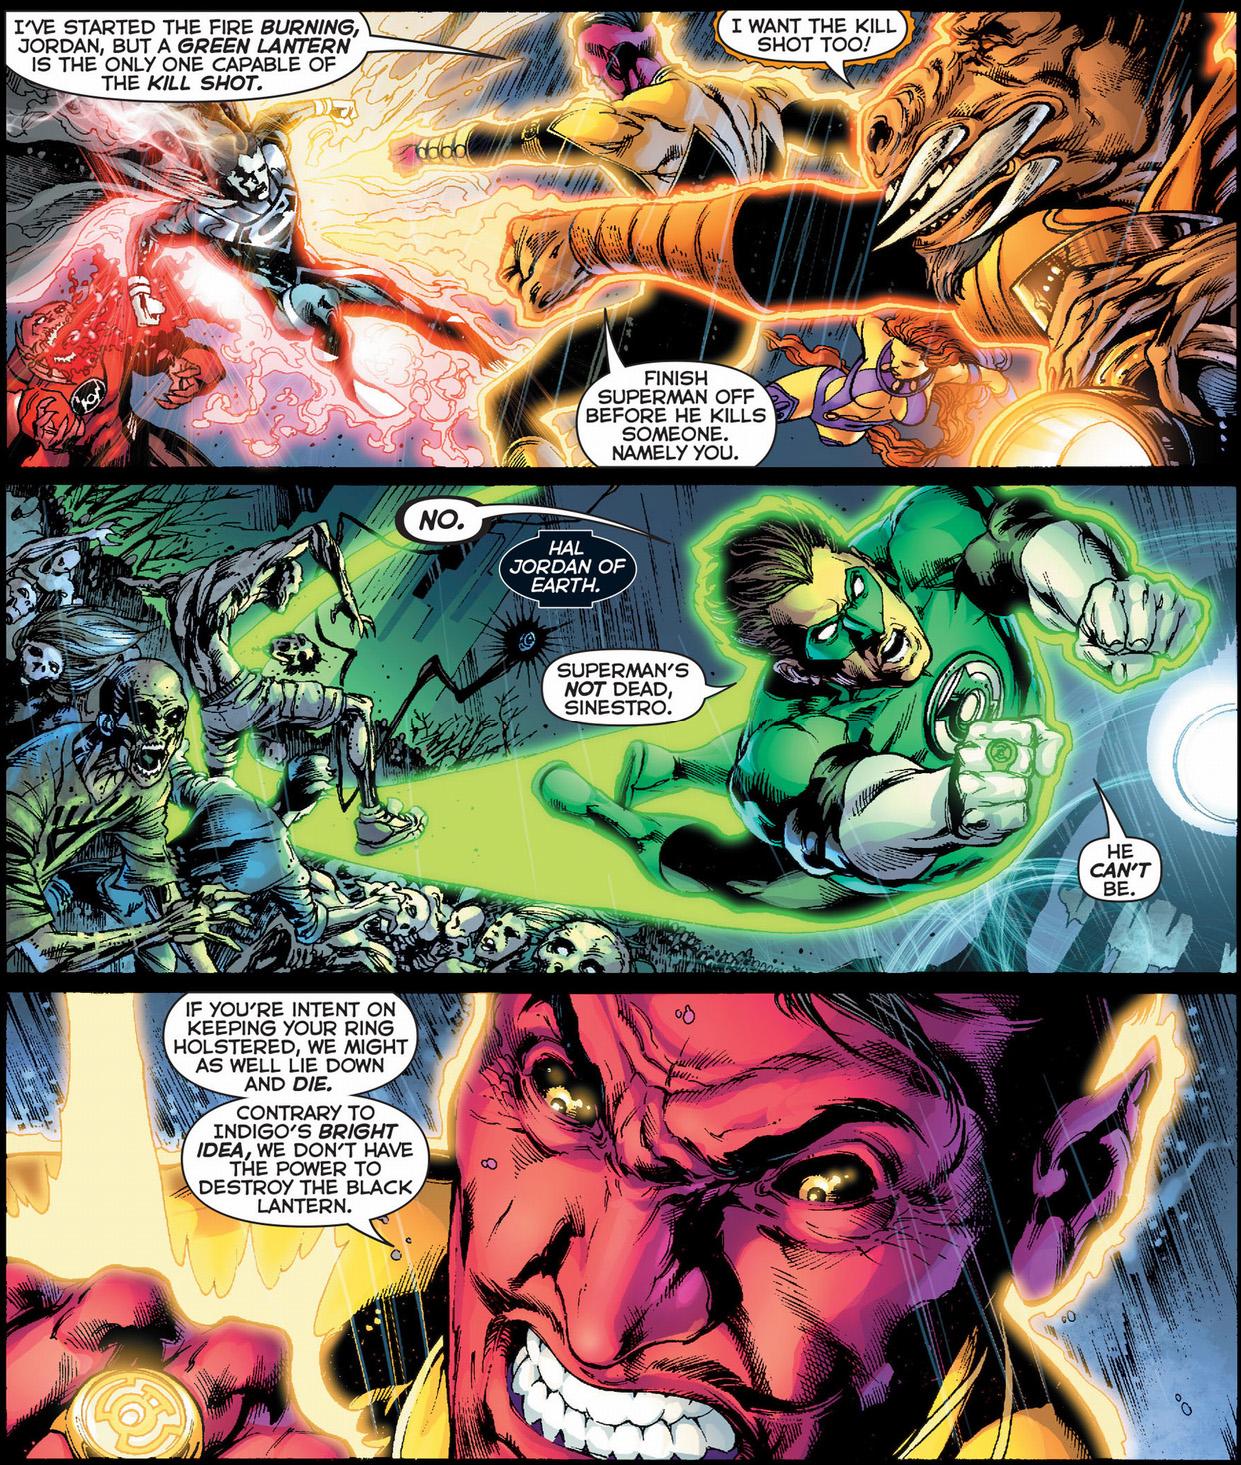 green lantern vs black lantern superman